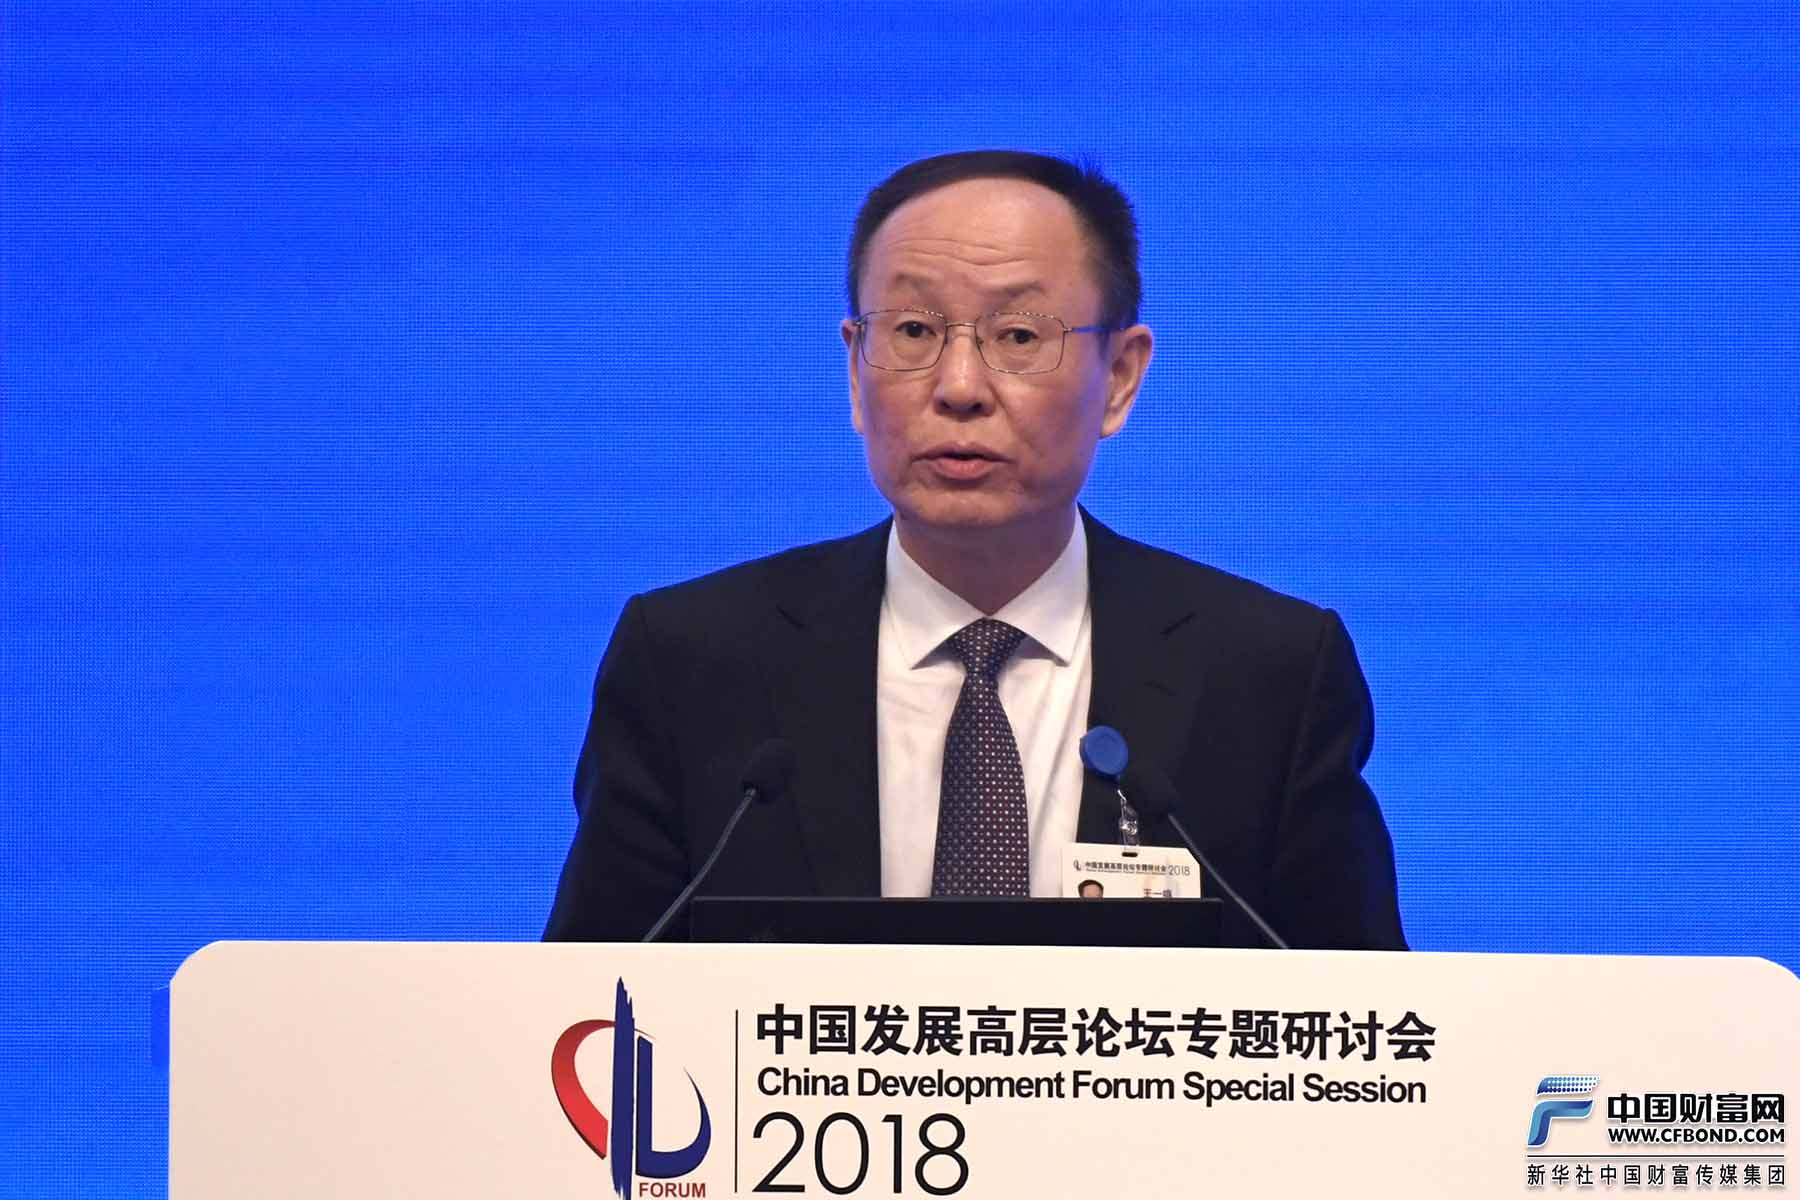 王一鸣:全球多边贸易体系面临前所未有的挑战